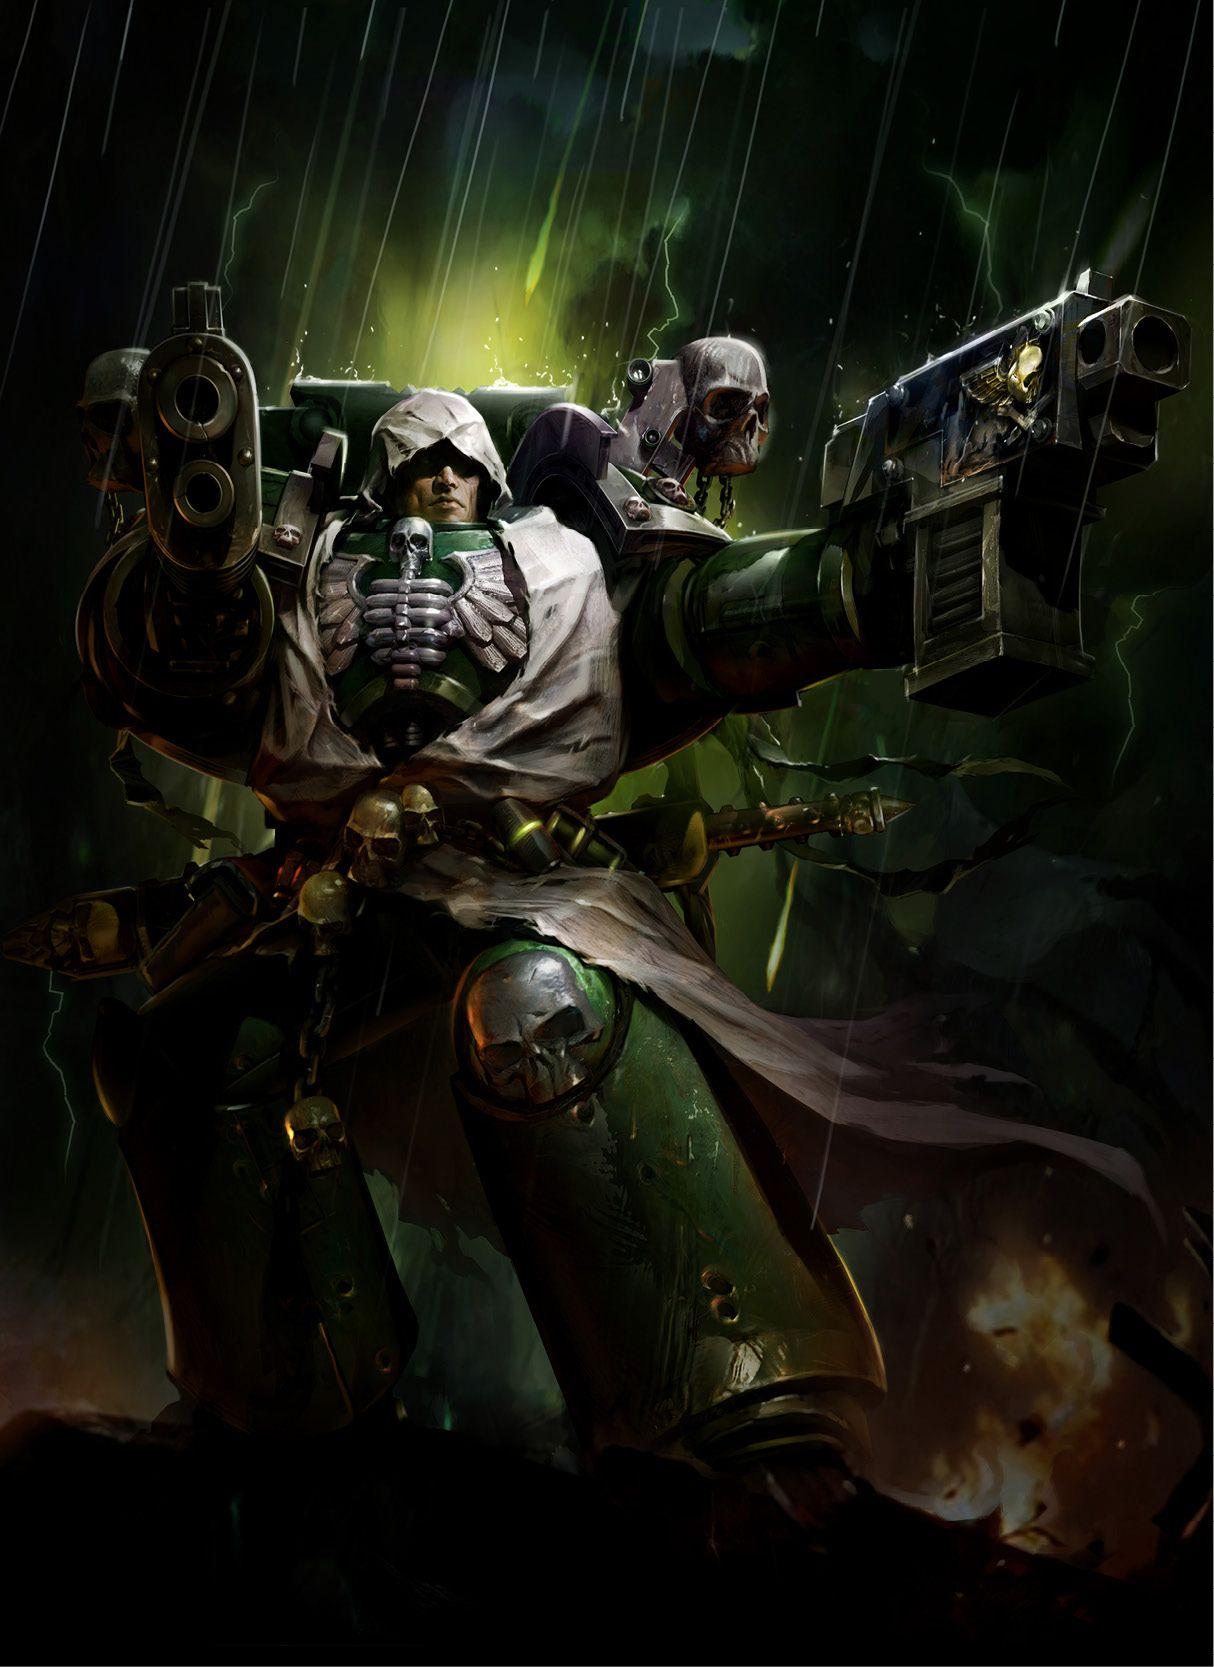 Cypher The Fallen One Warhammer 40k Artwork Warhammer 40k Dark Angel